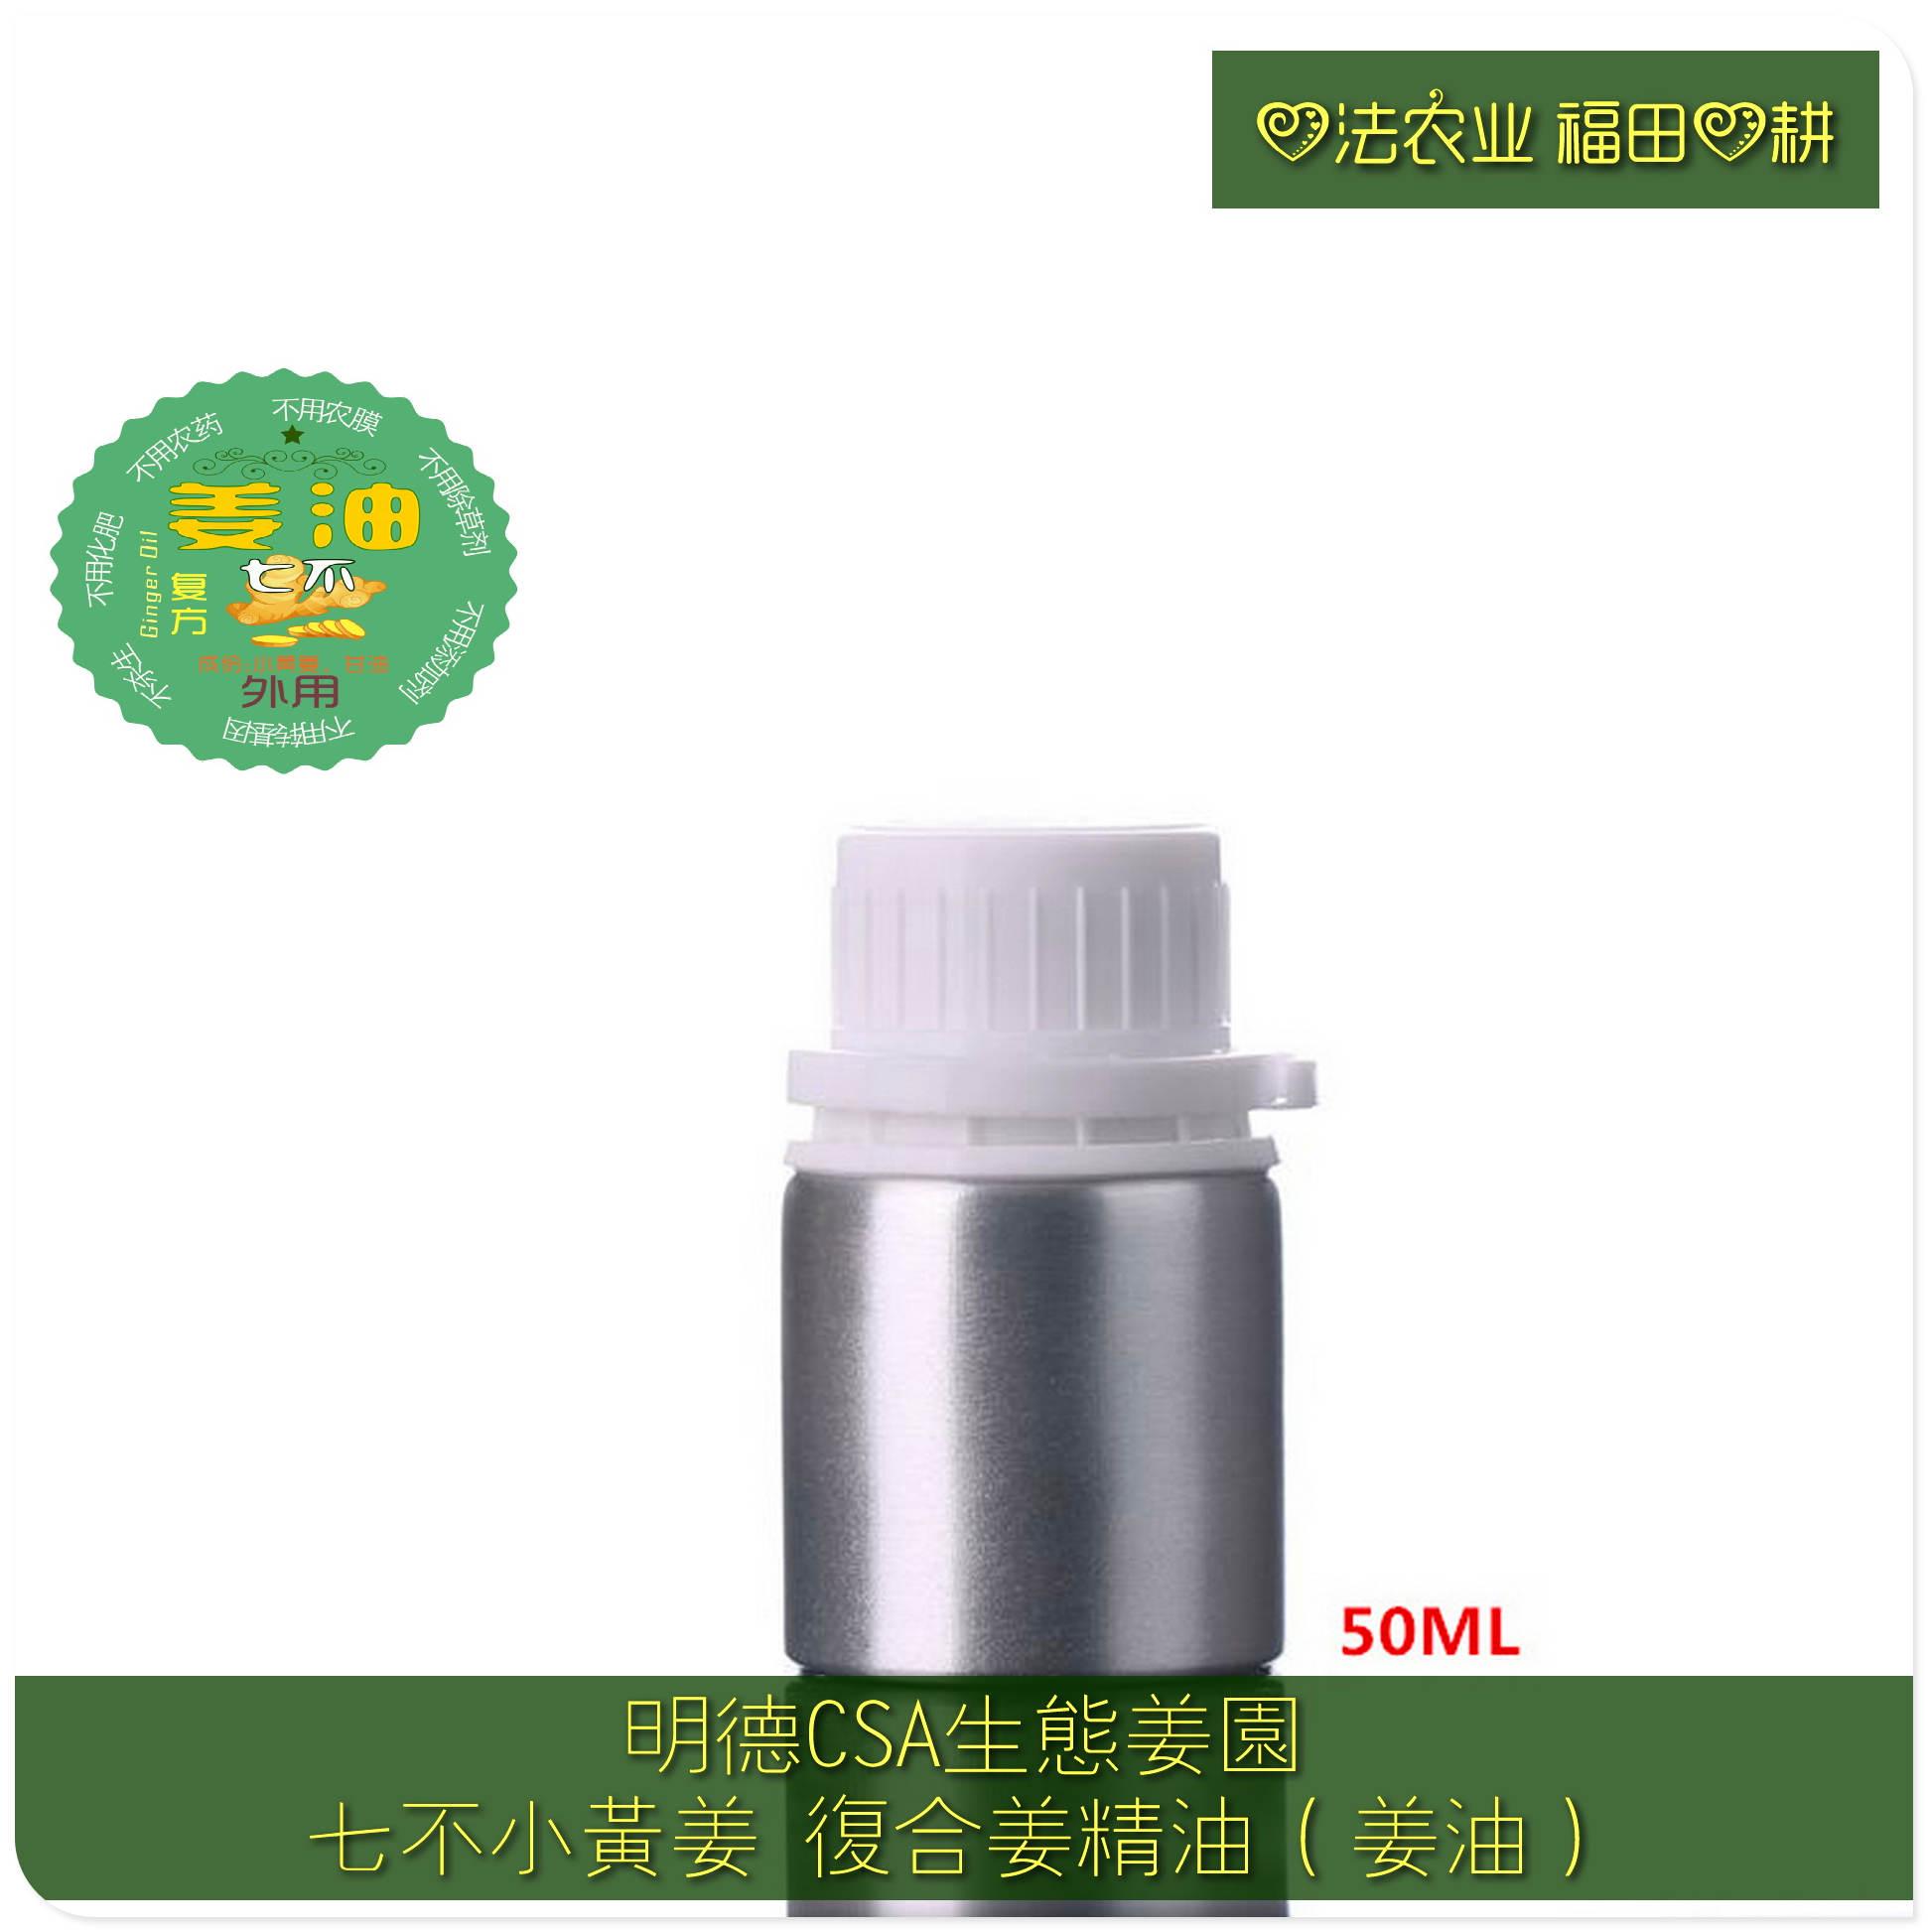 七不姜特价二折起特卖专区 各类姜产品特价处理 商品图0